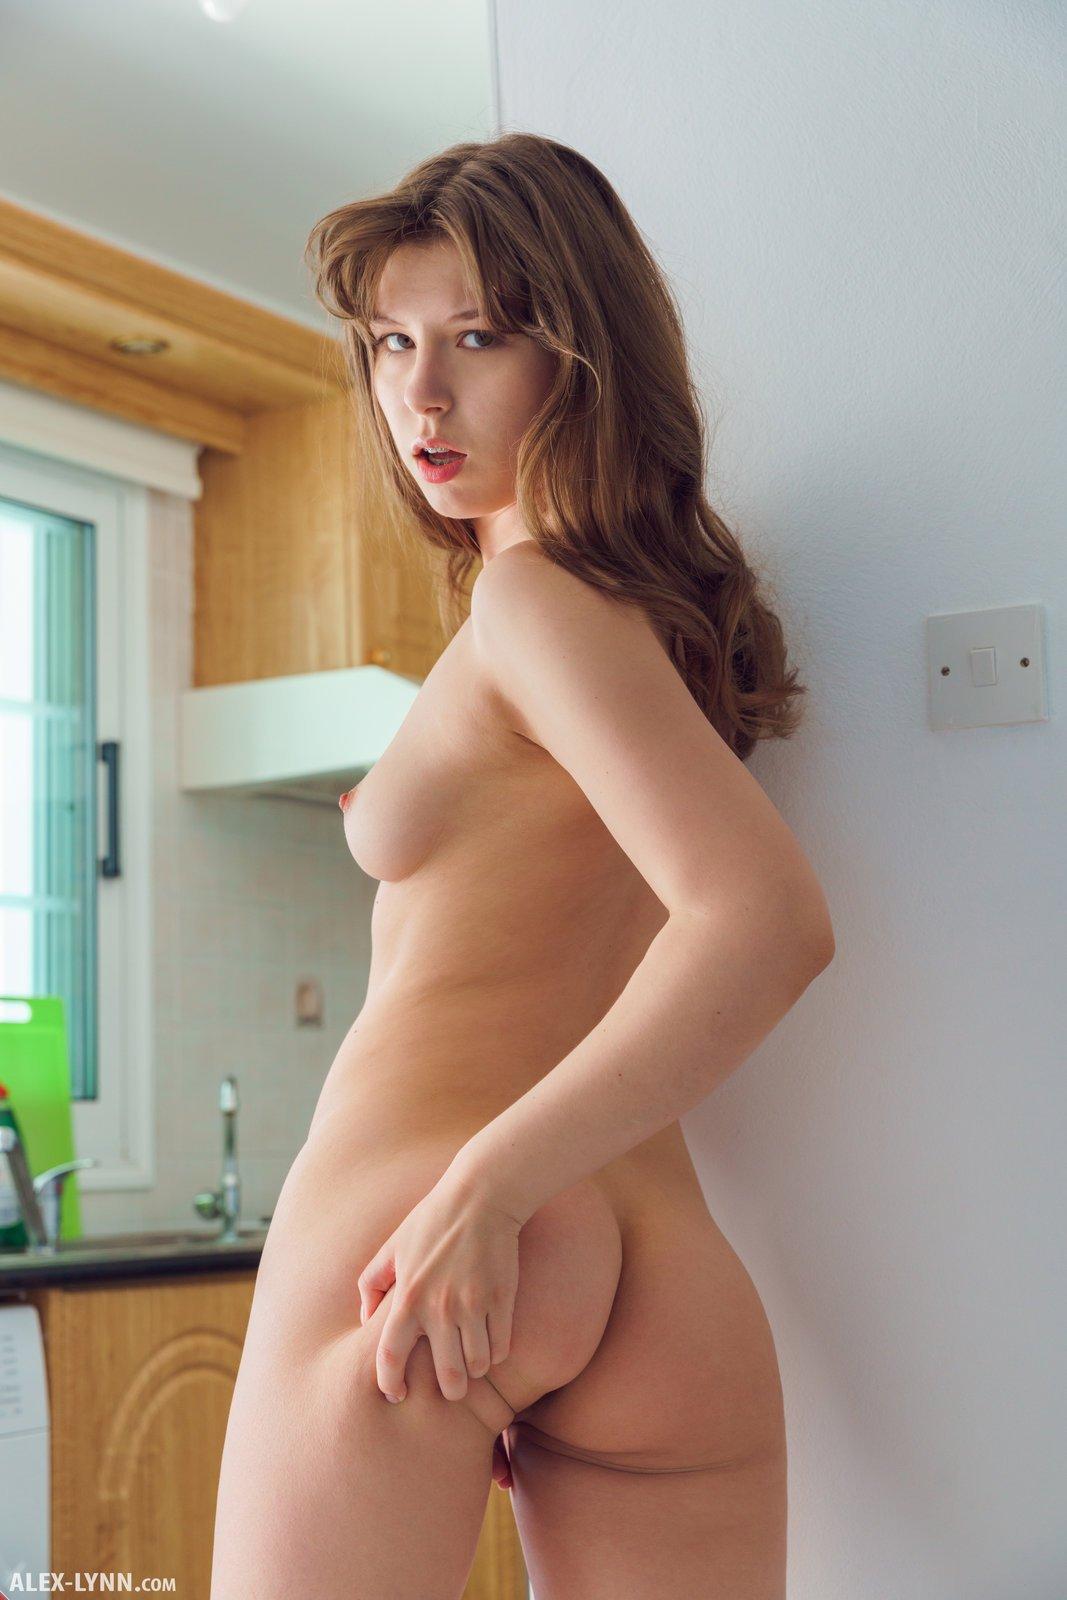 Голая домохозяйка массирует себя пальцами на кухне